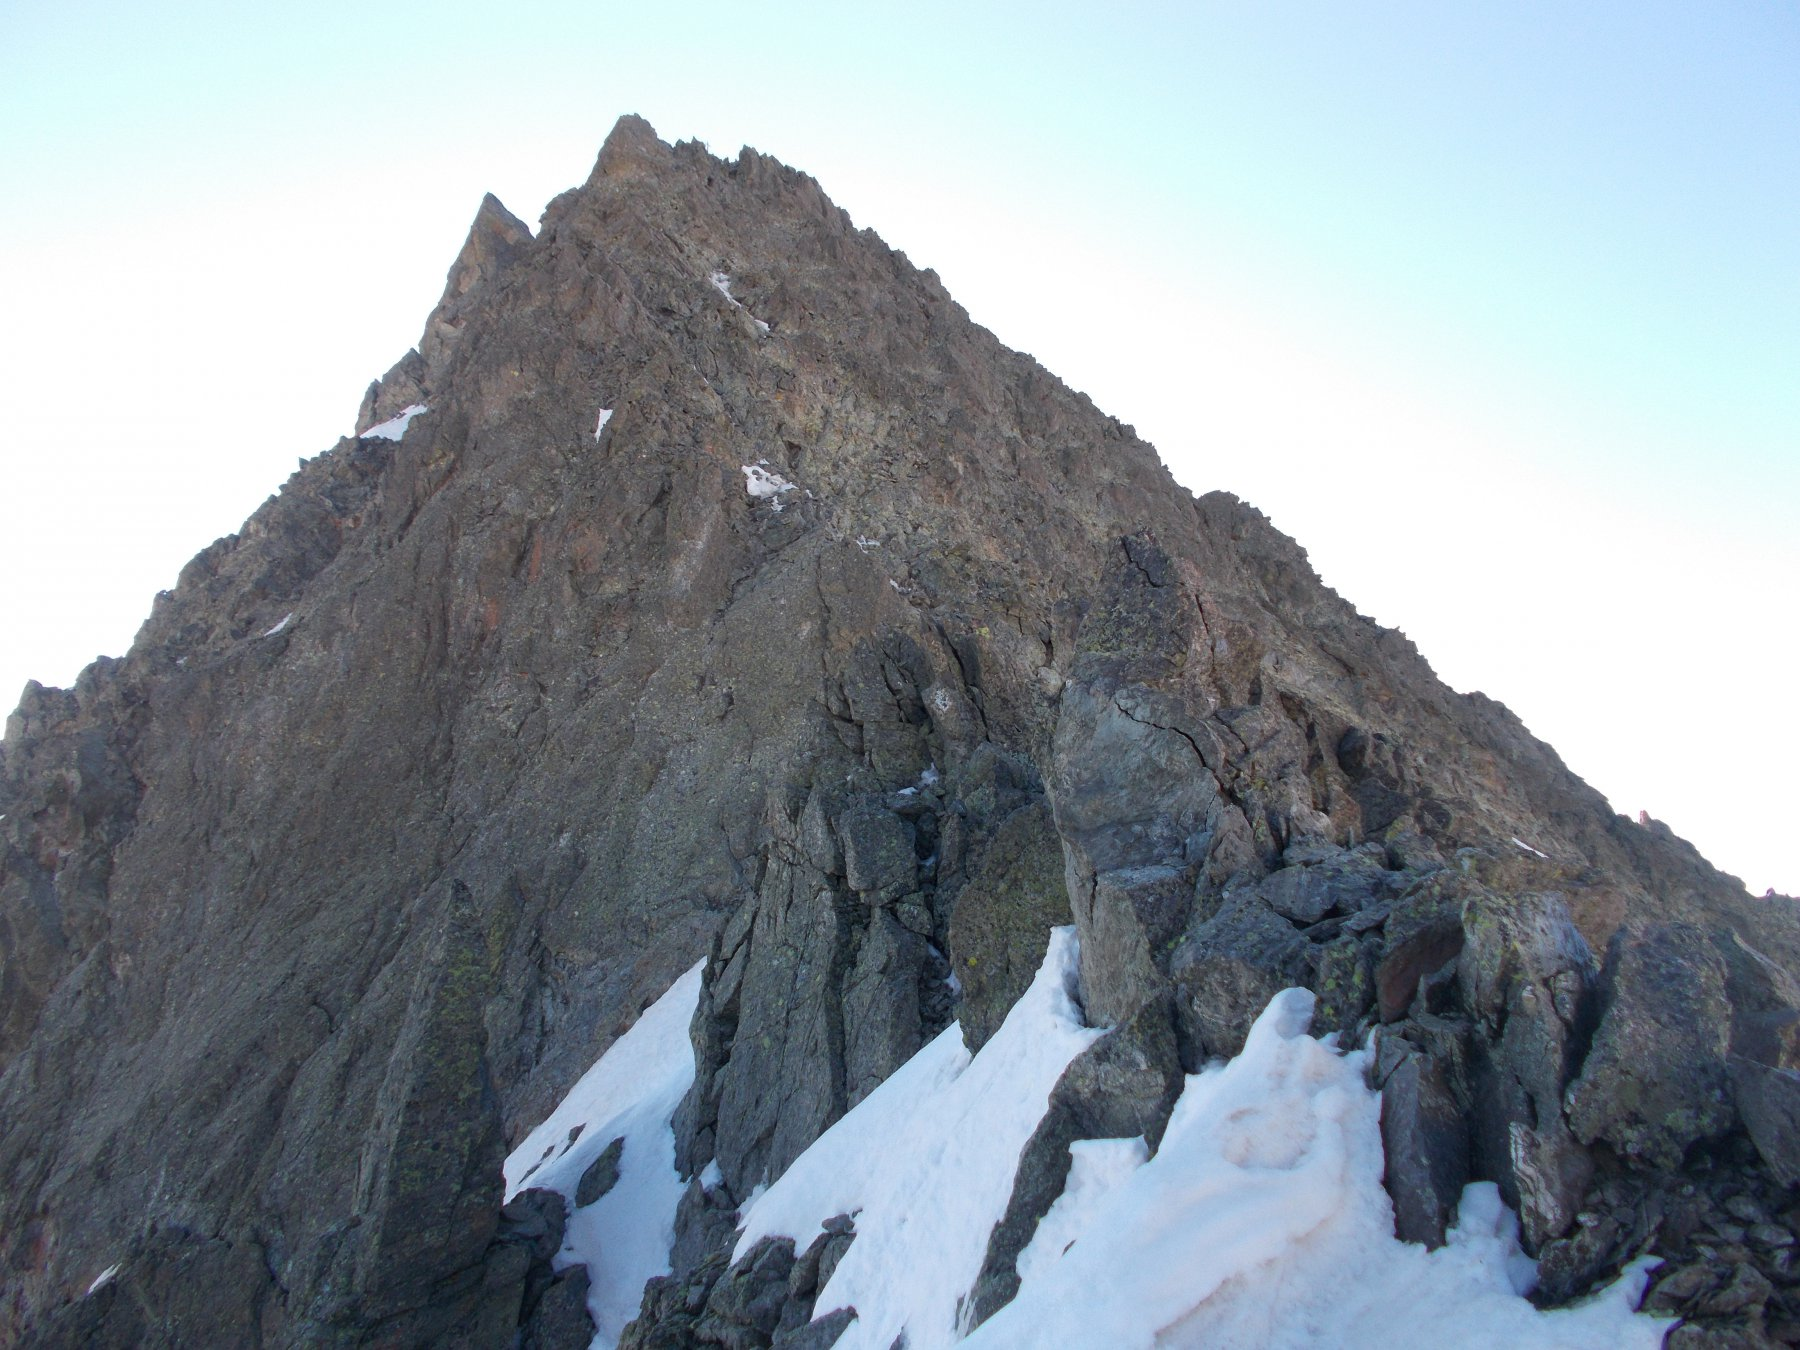 la rocca come appare usciti dal canale nevoso..